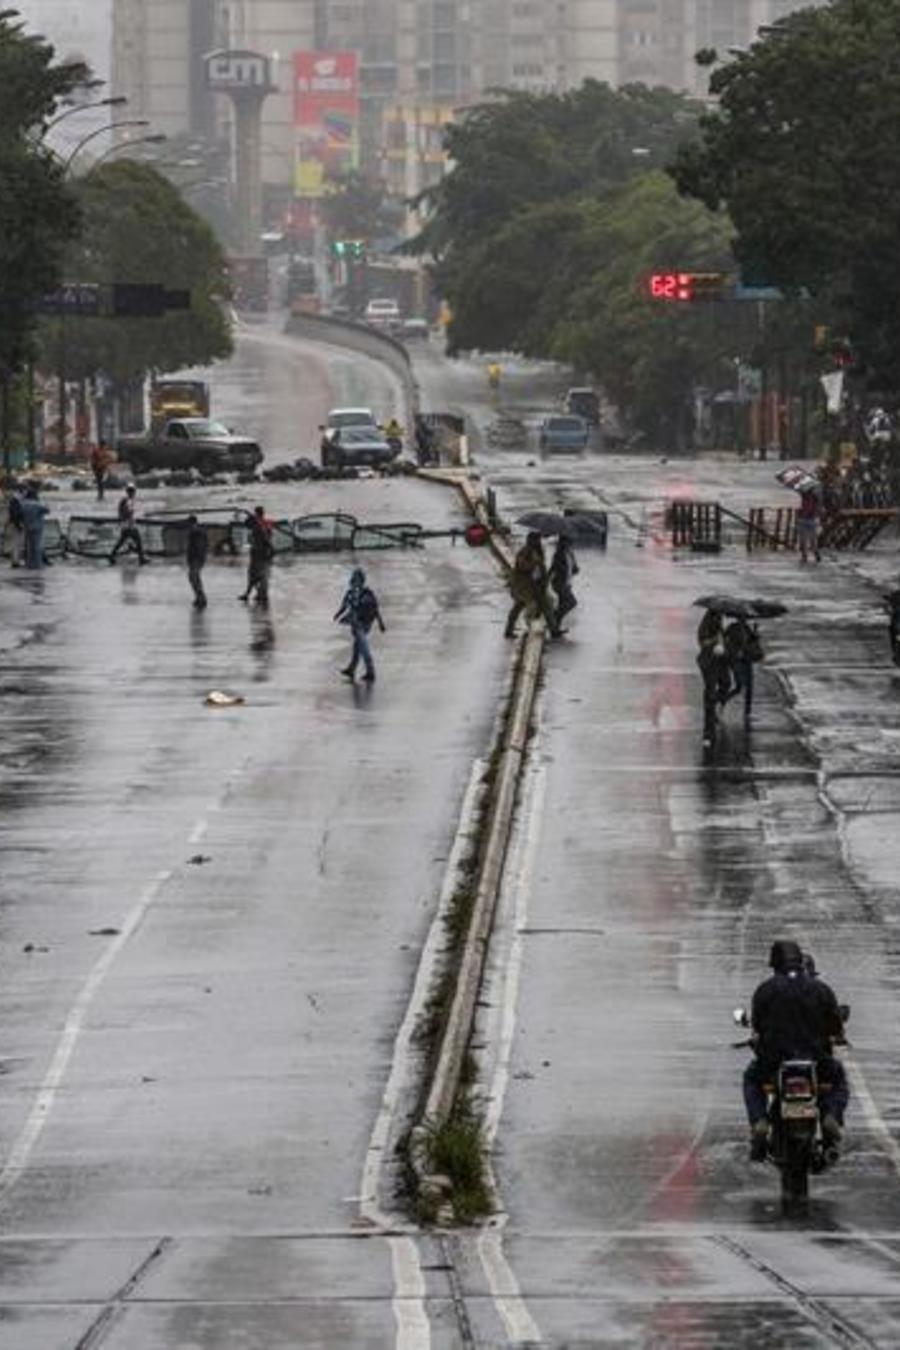 Manifestantes opositores bloquean una calle de Caracas como método de protesta contra la Constituyente de Maduro.